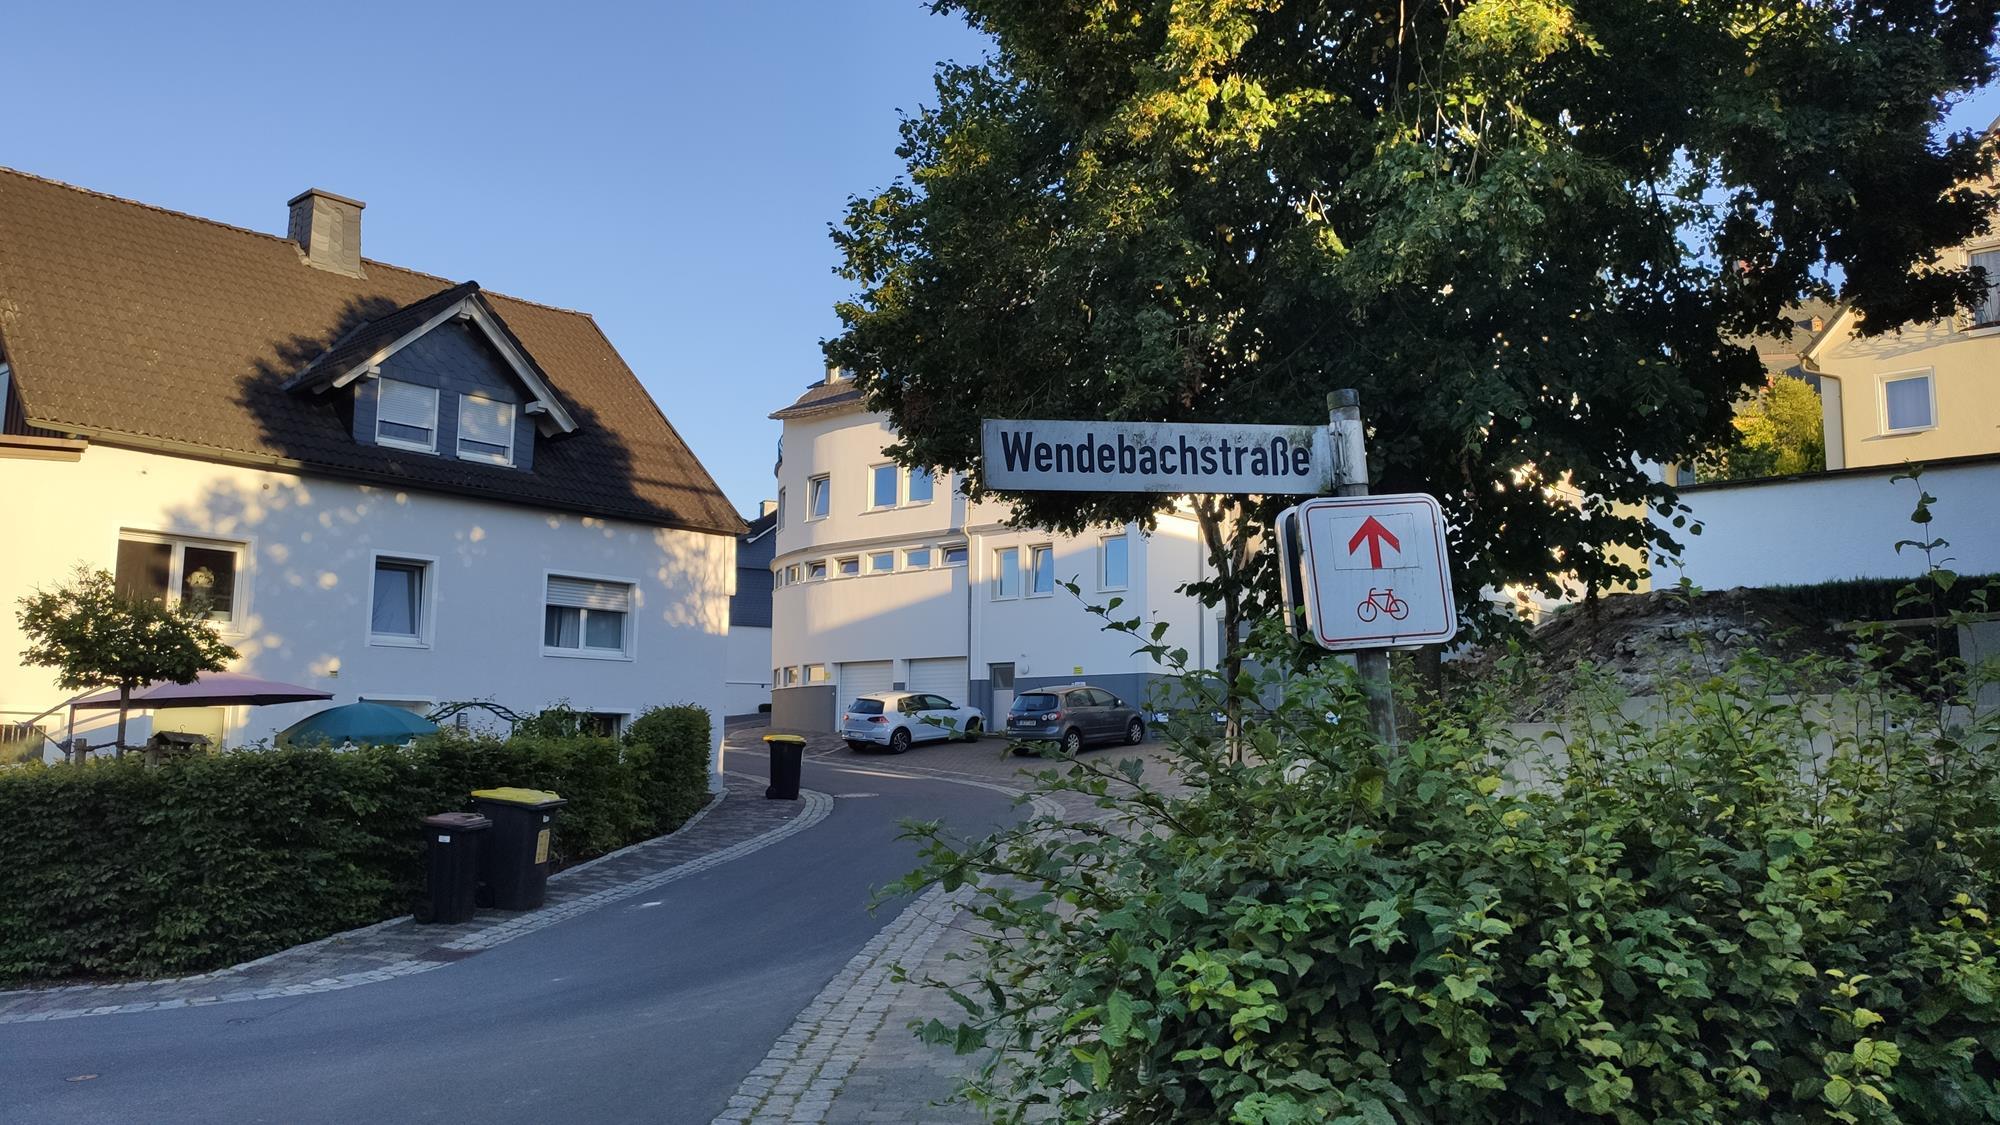 """Antrag """"Wendebachstraße"""": Entschärfung der verkehrlichen Situation – Alternativer Standort für die geplante Moschee"""